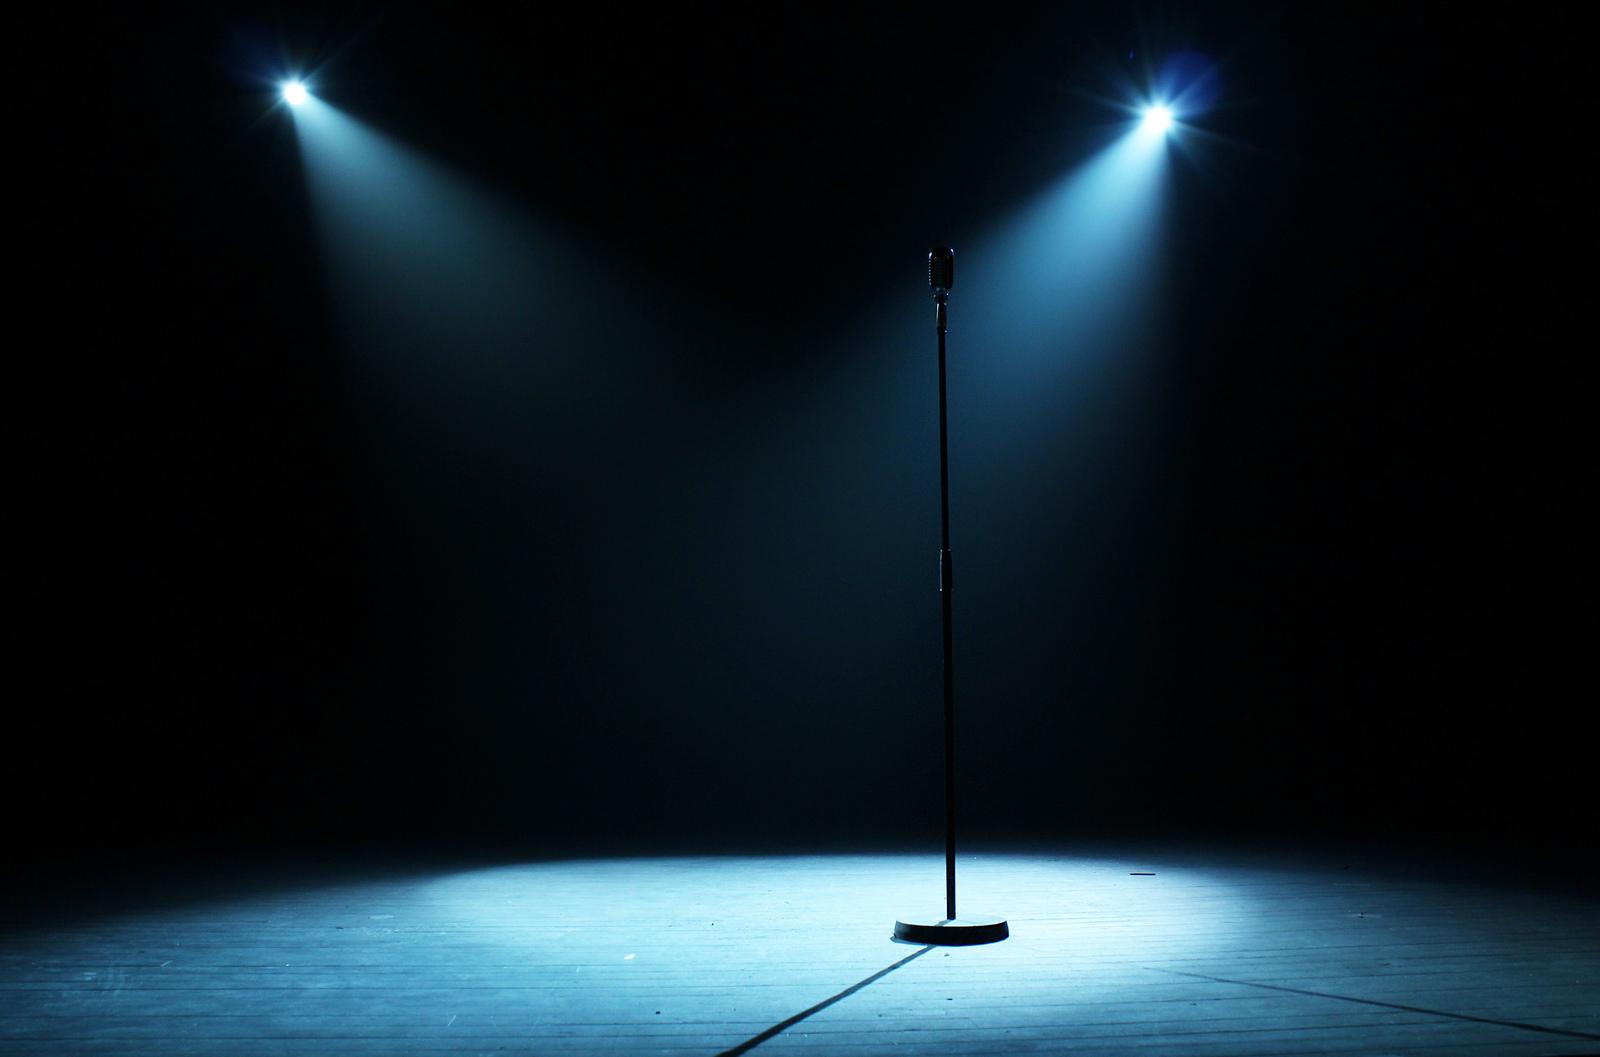 Po i rikthehet skenës këngëtarja e njohur kosovare